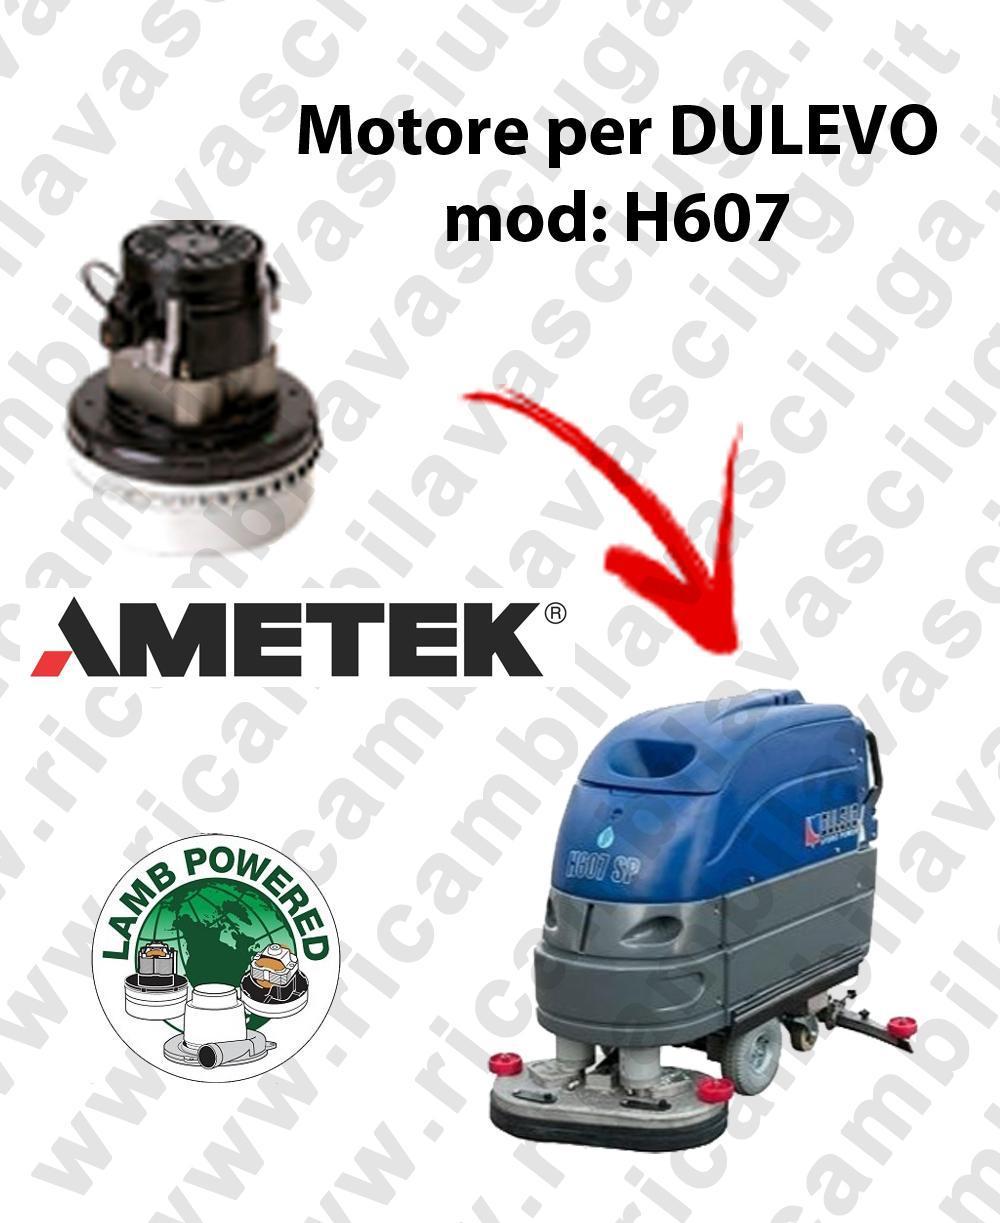 H607 LAMB AMETEK vacuum motor for scrubber dryer DULEVO